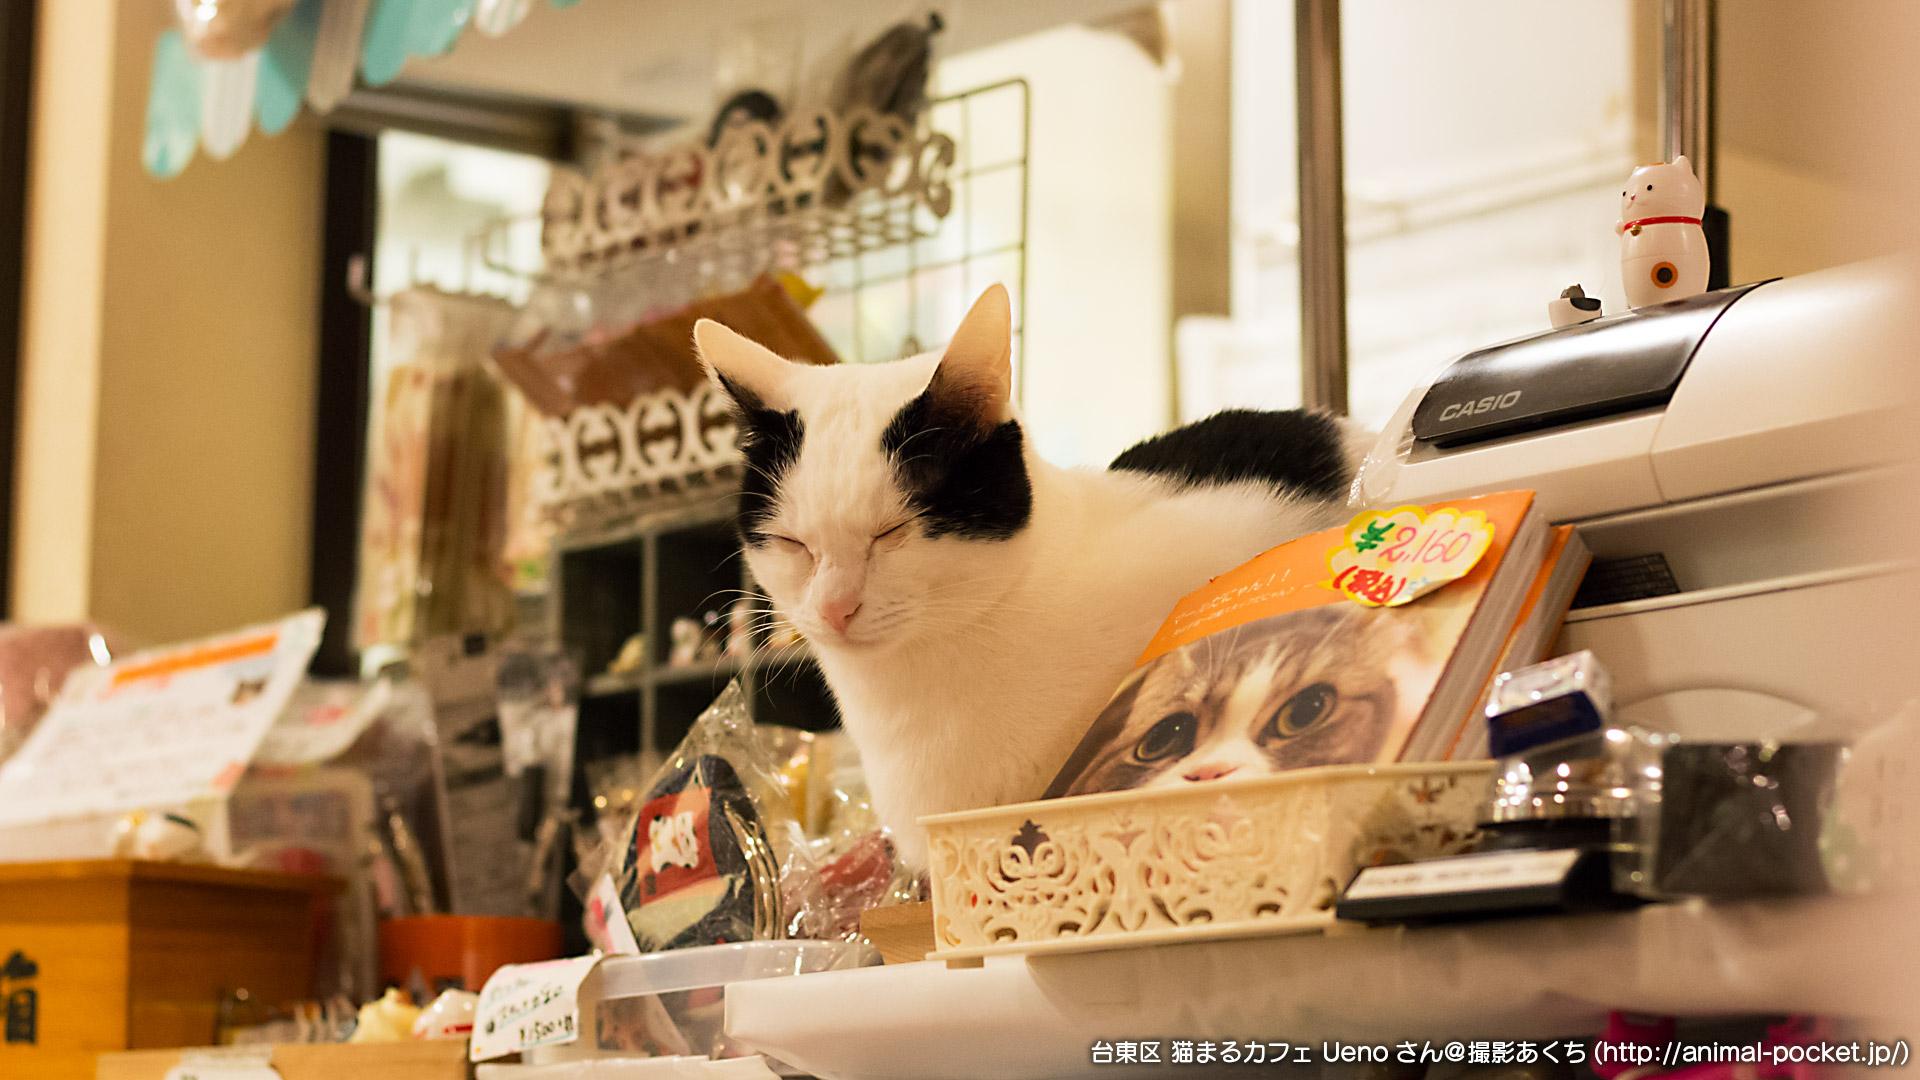 猫カフェ「猫まるカフェ Ueno」